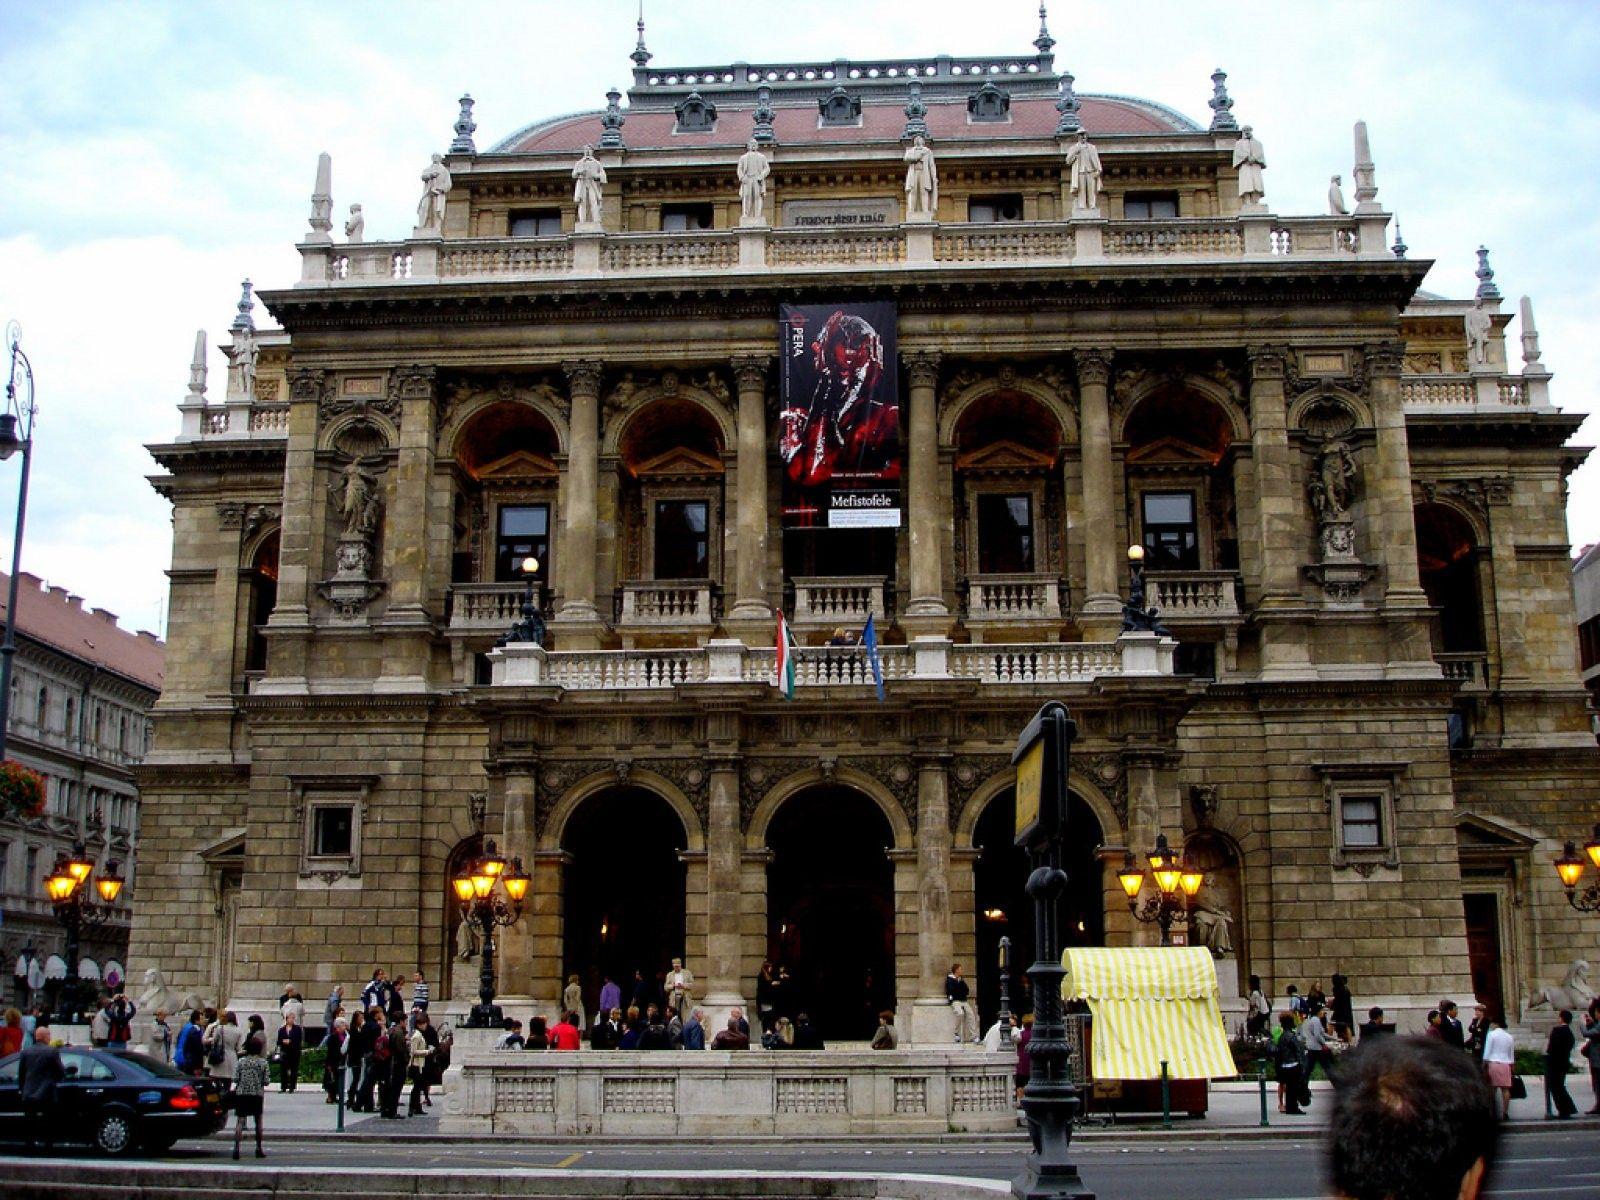 Te Gustaría Visitar Budapest Te Contamos Los Secretos De La Ciudad De Los Balnearios Budapest Ciudades Balneario